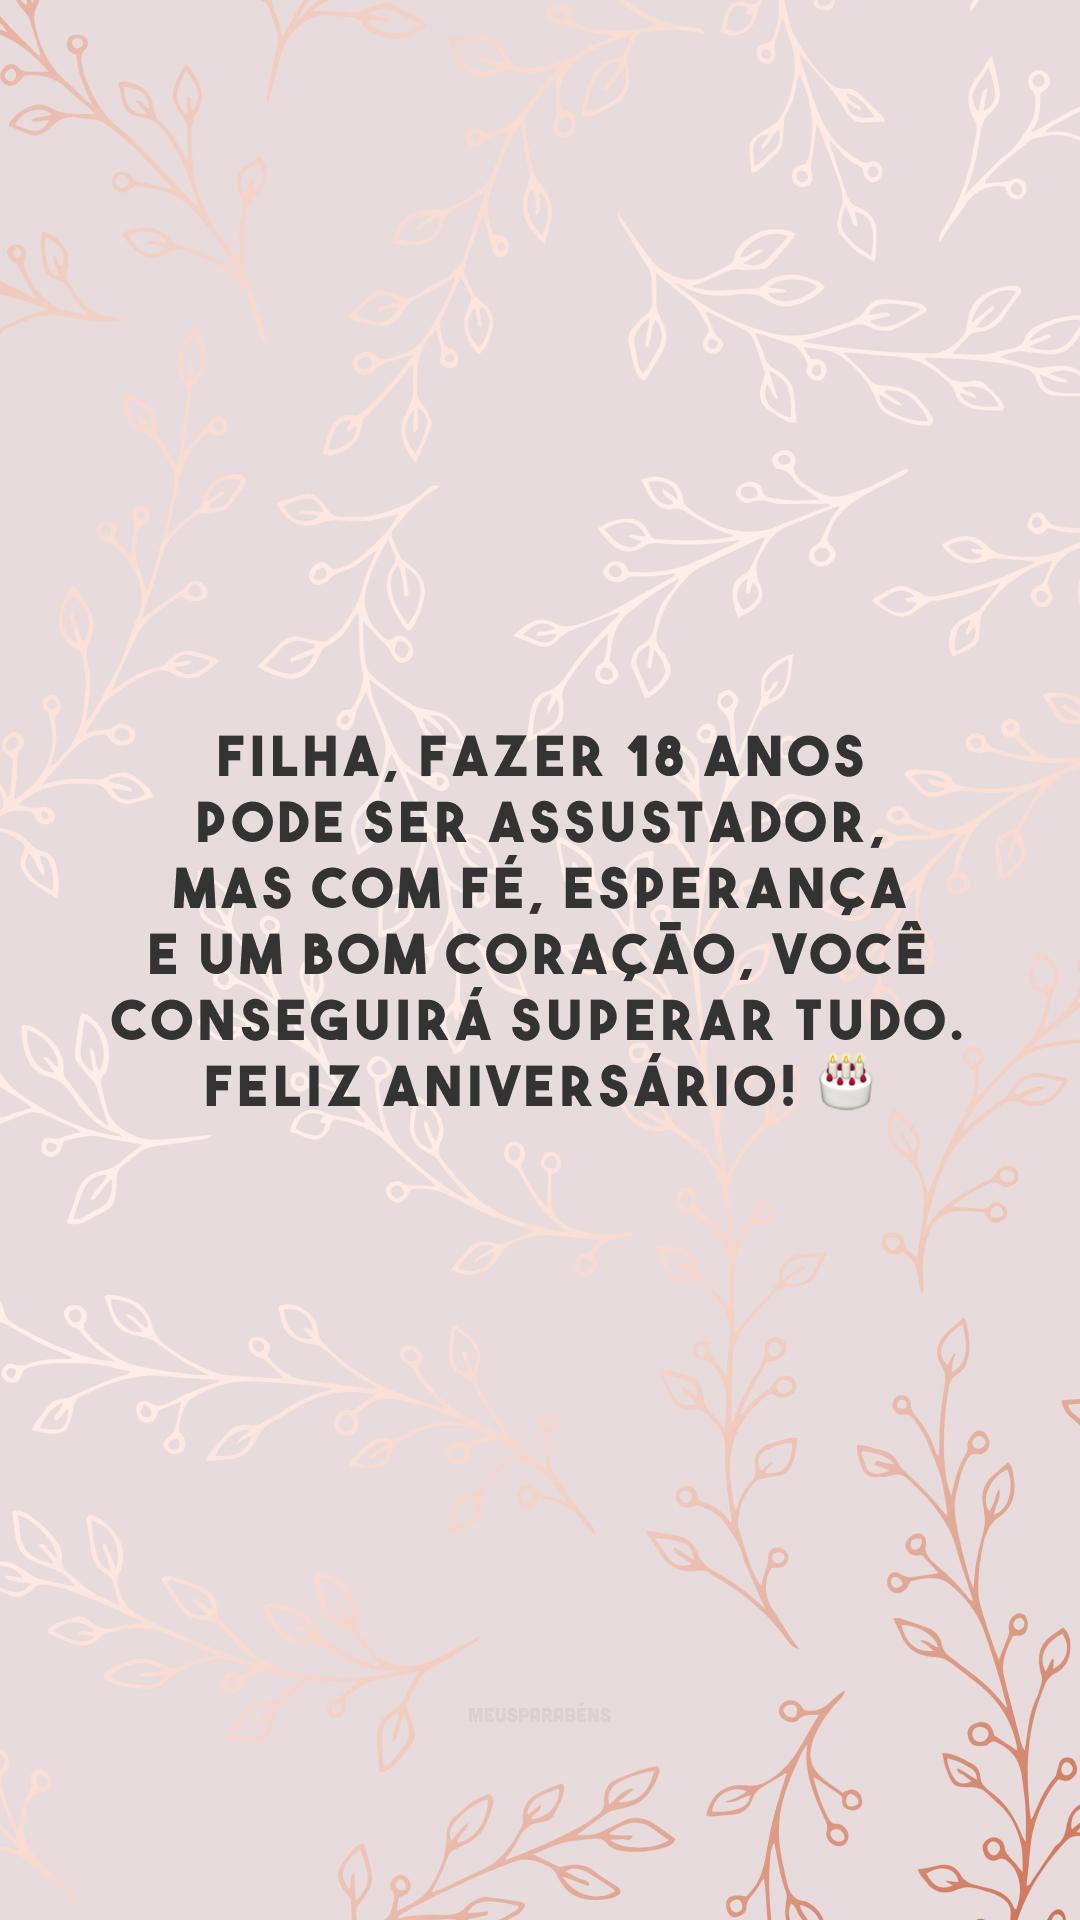 Filha, fazer 18 anos pode ser assustador, mas com fé, esperança e um bom coração, você conseguirá superar tudo. Feliz aniversário! 🎂